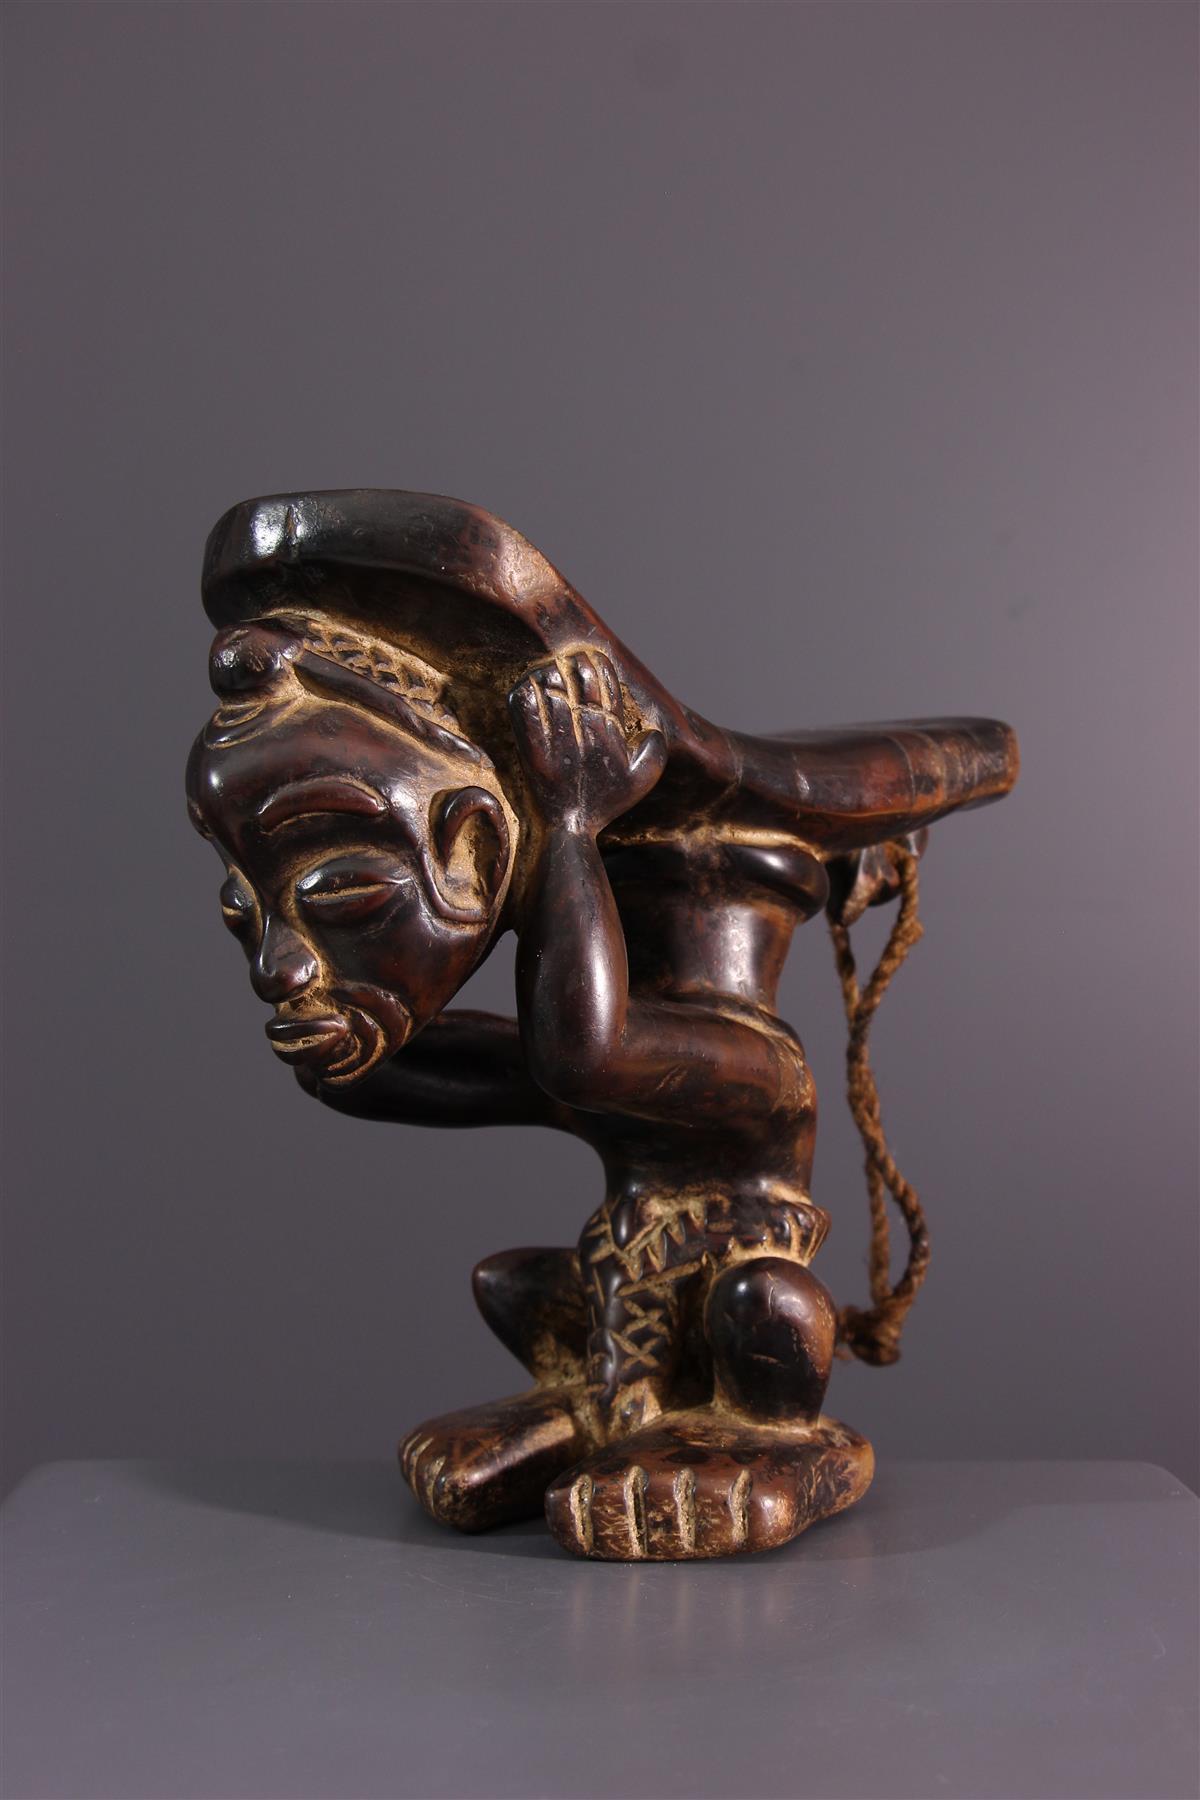 Lulua headrest - African art